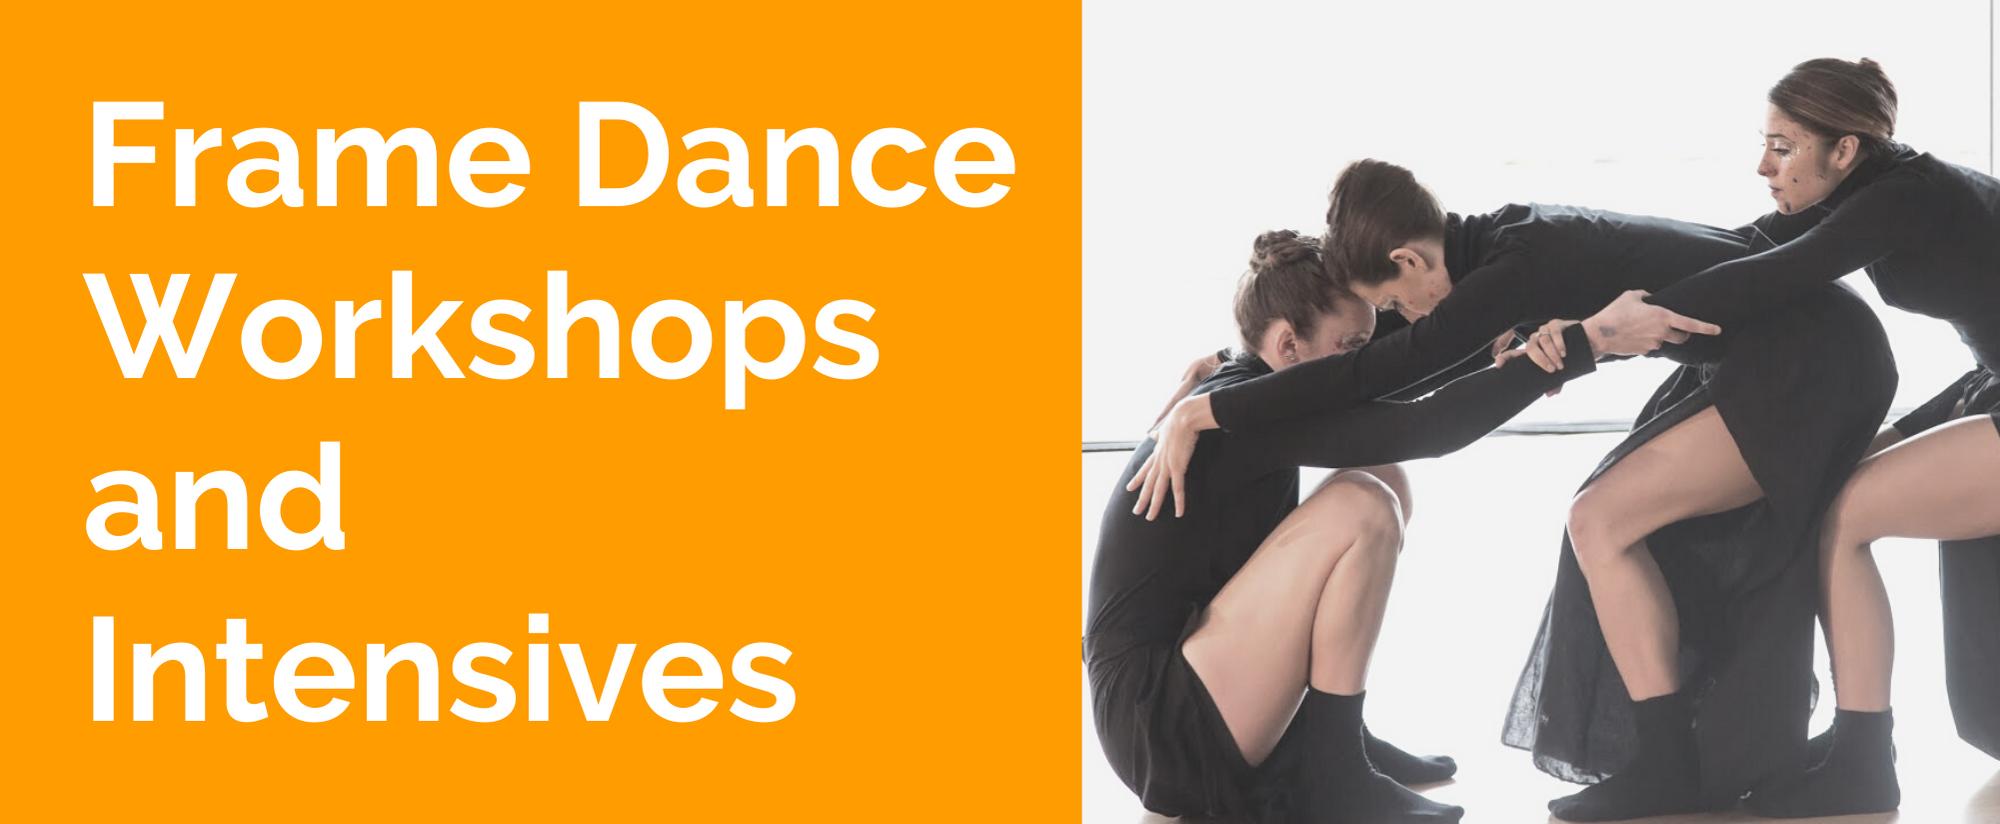 Frame Dance Workshops and Intensives